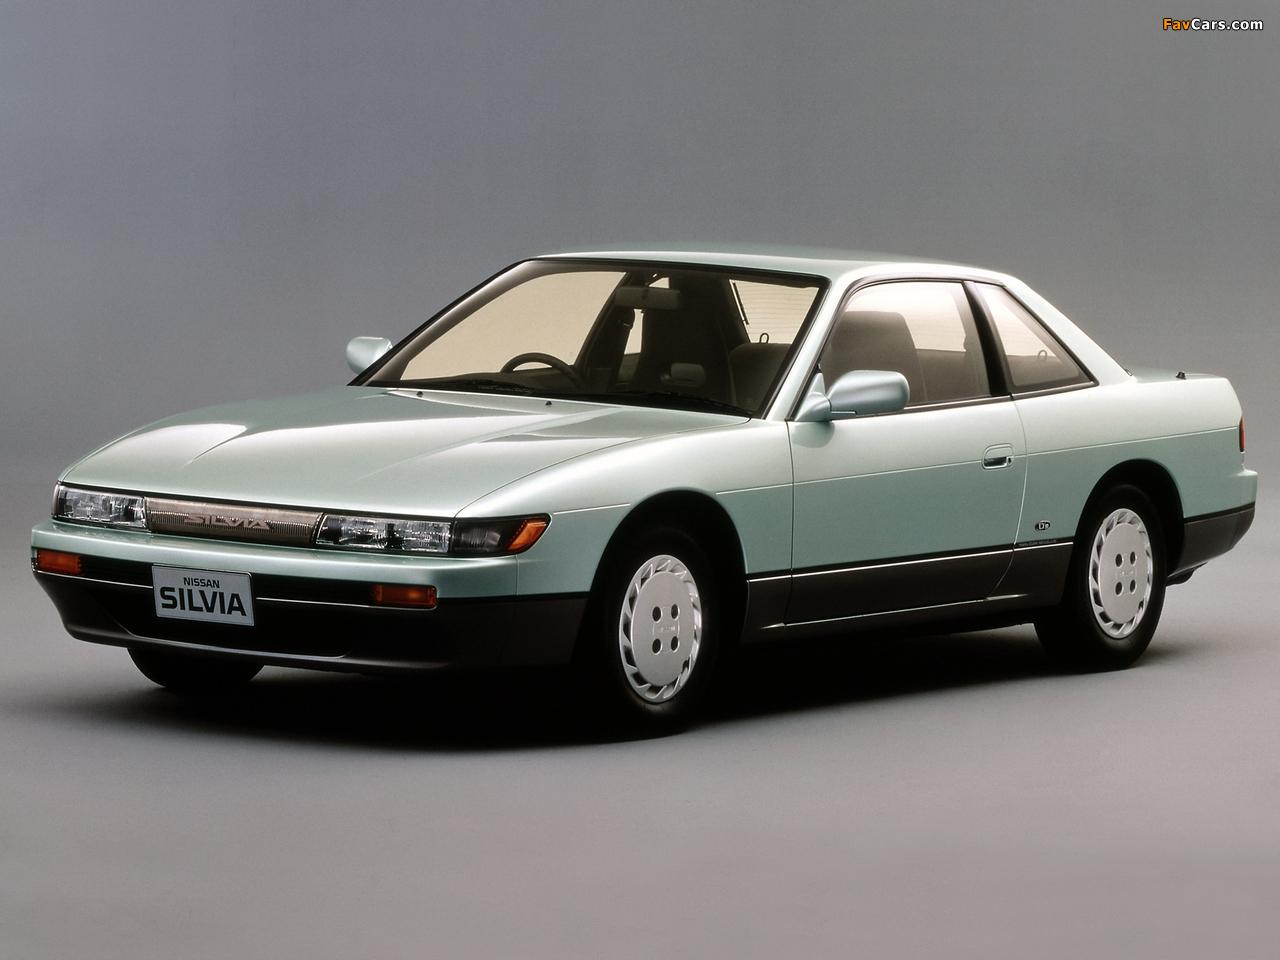 Nissan Silvia Qs (S13) 1988–93 photos (1280 x 960)